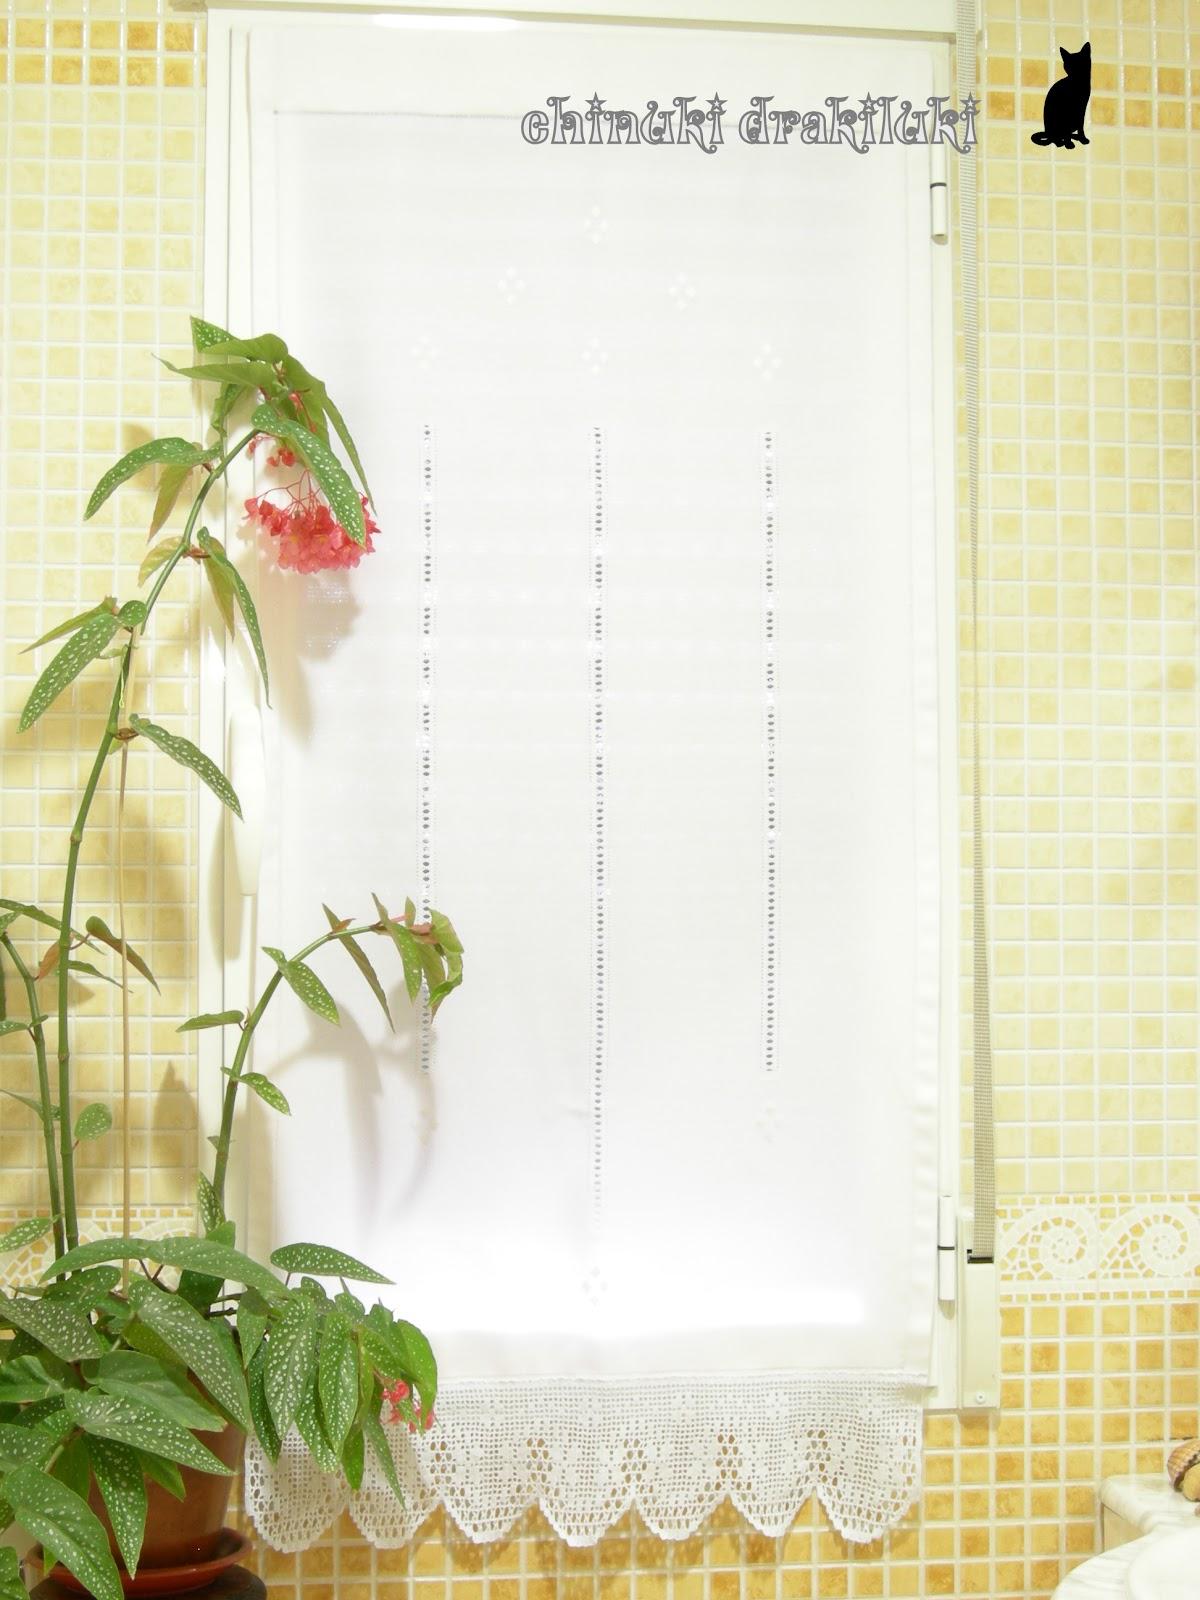 Cortina Baño Elegante:el diario del chinuki drakiluki: Cortina de baño elegante